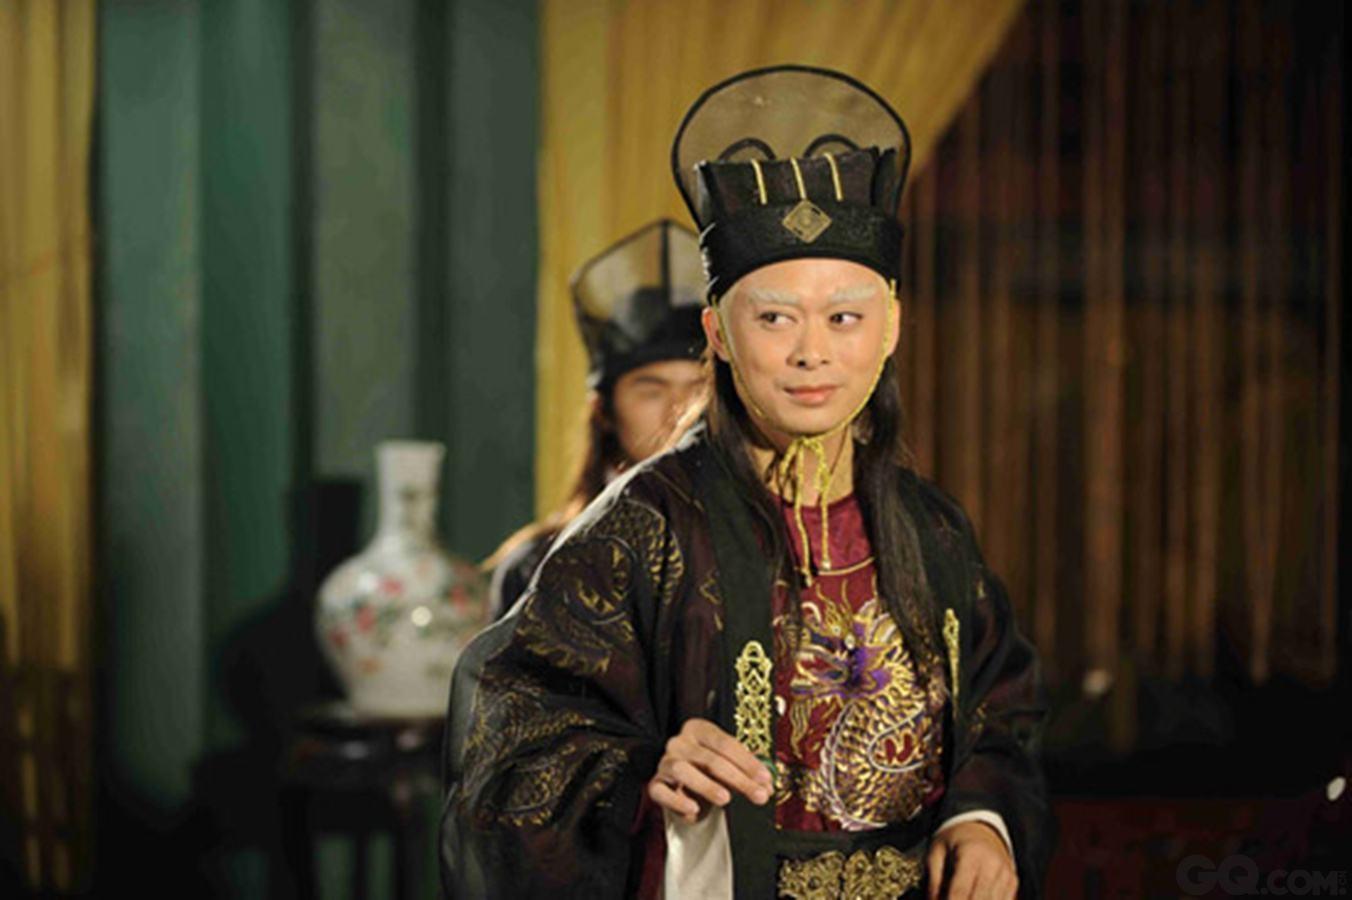 刘强东的祖宗,会是明朝大宦官刘瑾吗?